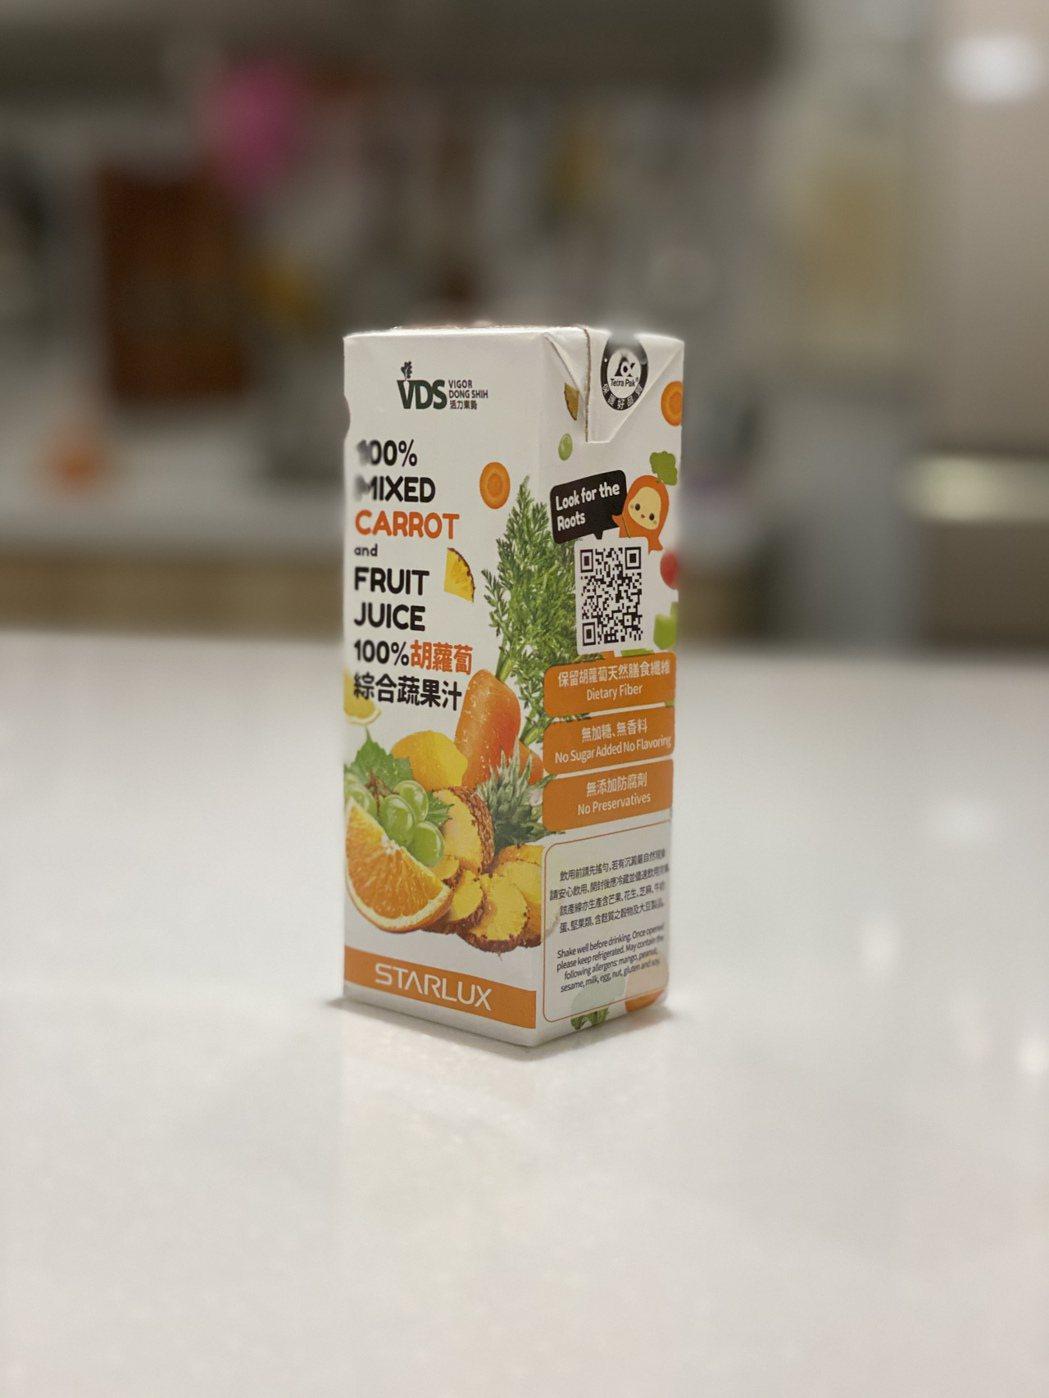 星宇航空專屬經濟艙飲品「100%胡蘿蔔綜合蔬果汁」爆紅,只能在星宇航空機上或至「...